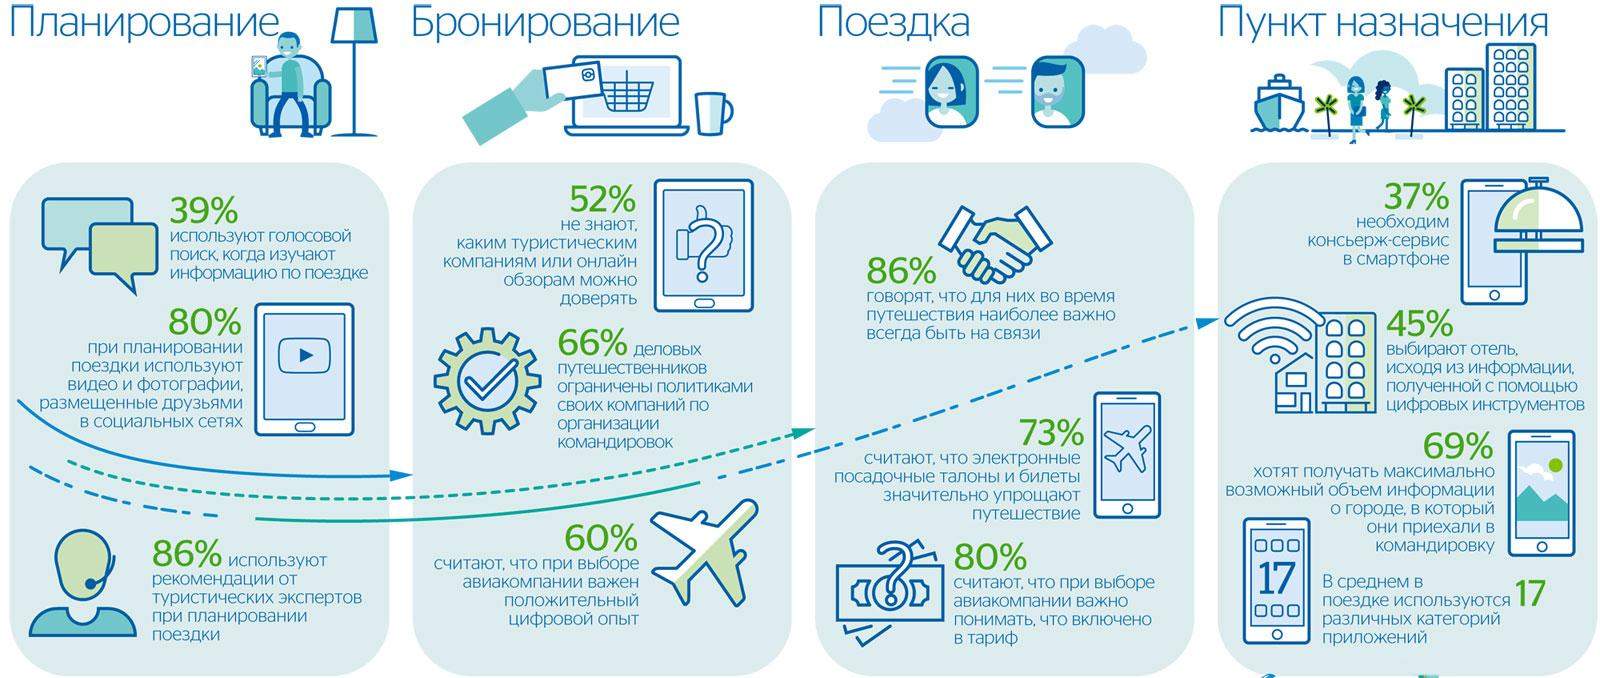 Зависимость российских путешественников от цифровых технологий